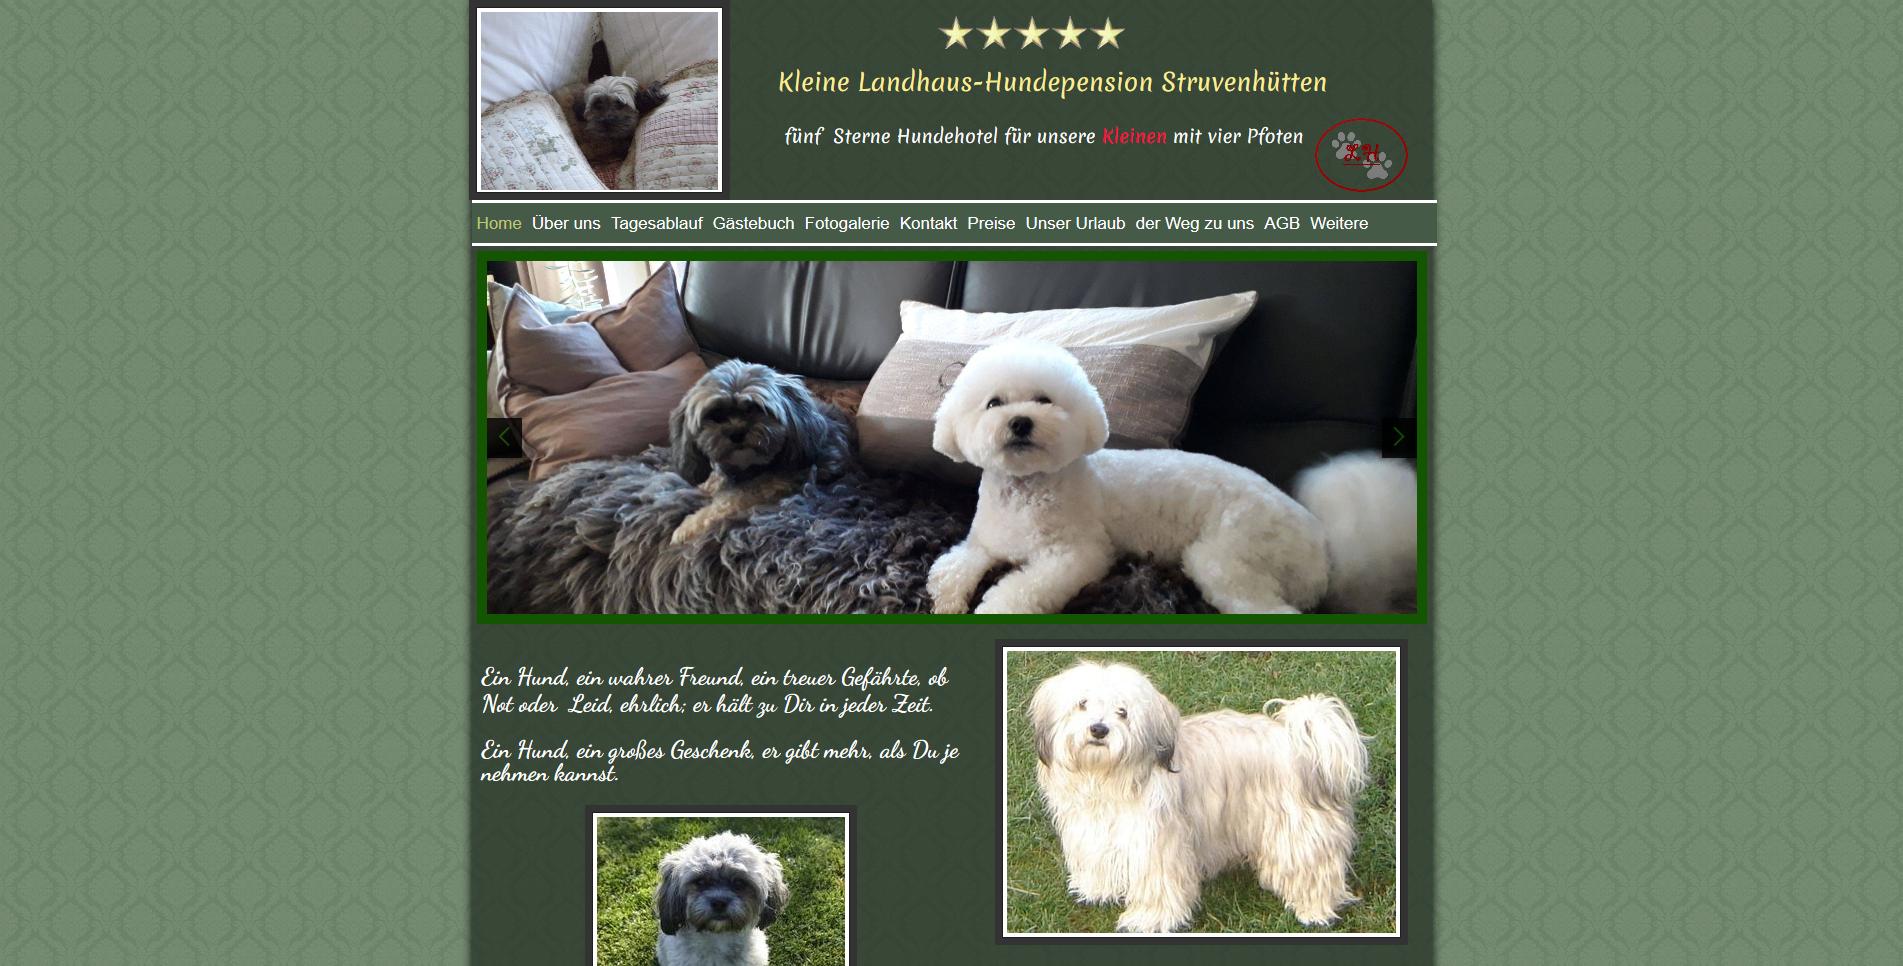 Kleine Landhaus-Hundepension